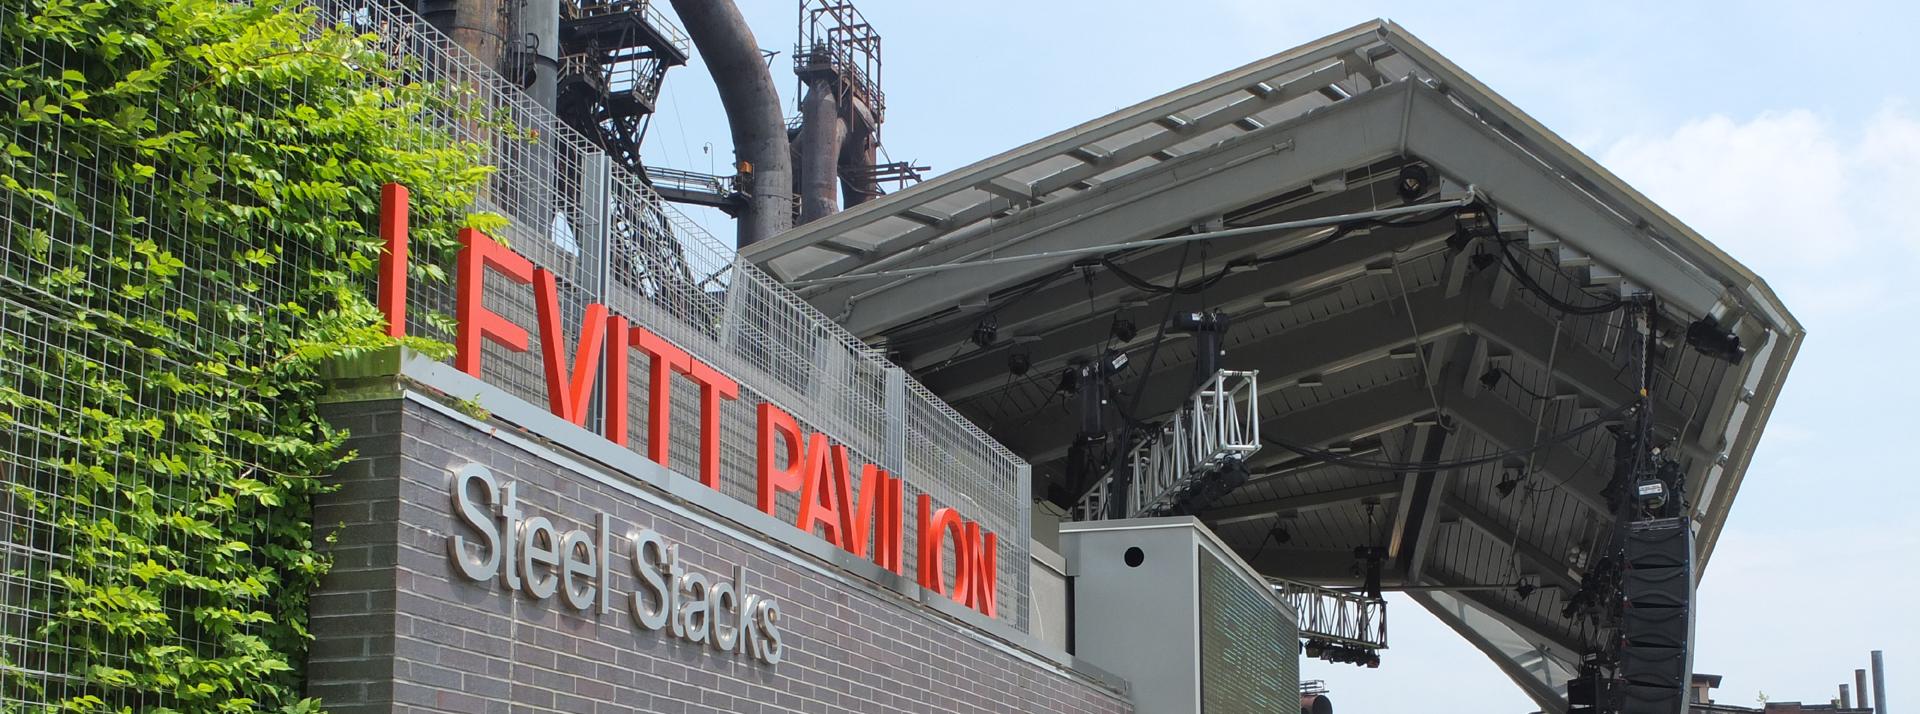 Levitt Pavilion SteelStacks